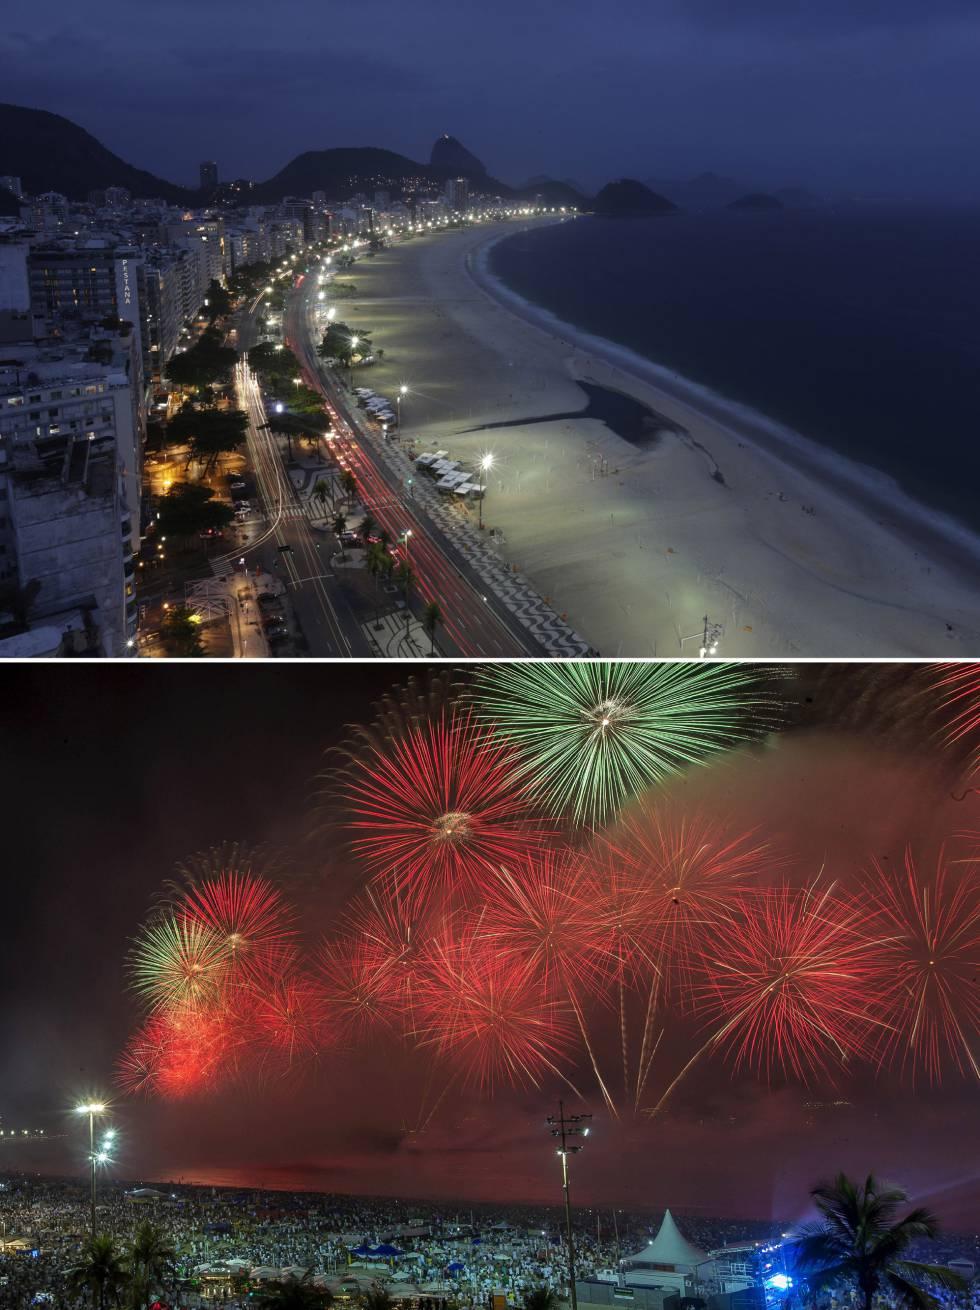 Foto da celebração de Ano Novo na praia de Copacabana vazia no Rio no último dia de 2020, em contraste com a multidão que assistiu ao show de fogos em 31 de dezembro de 2019.